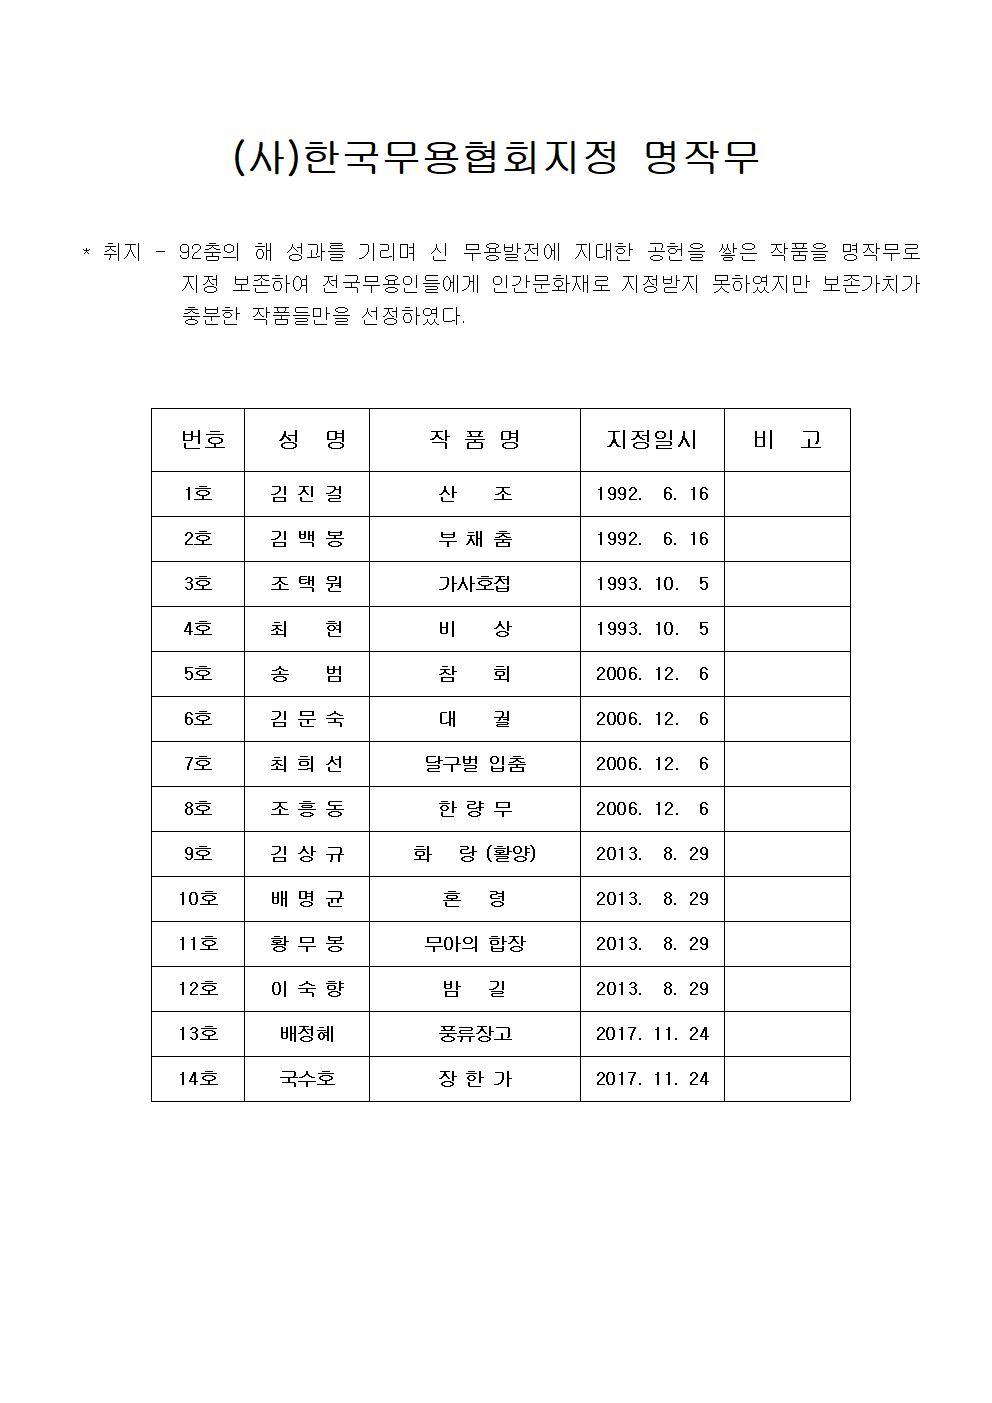 제49회 전국초중고등학생무용콩쿠르개최 및 참가신청서_최종수정003.jpg